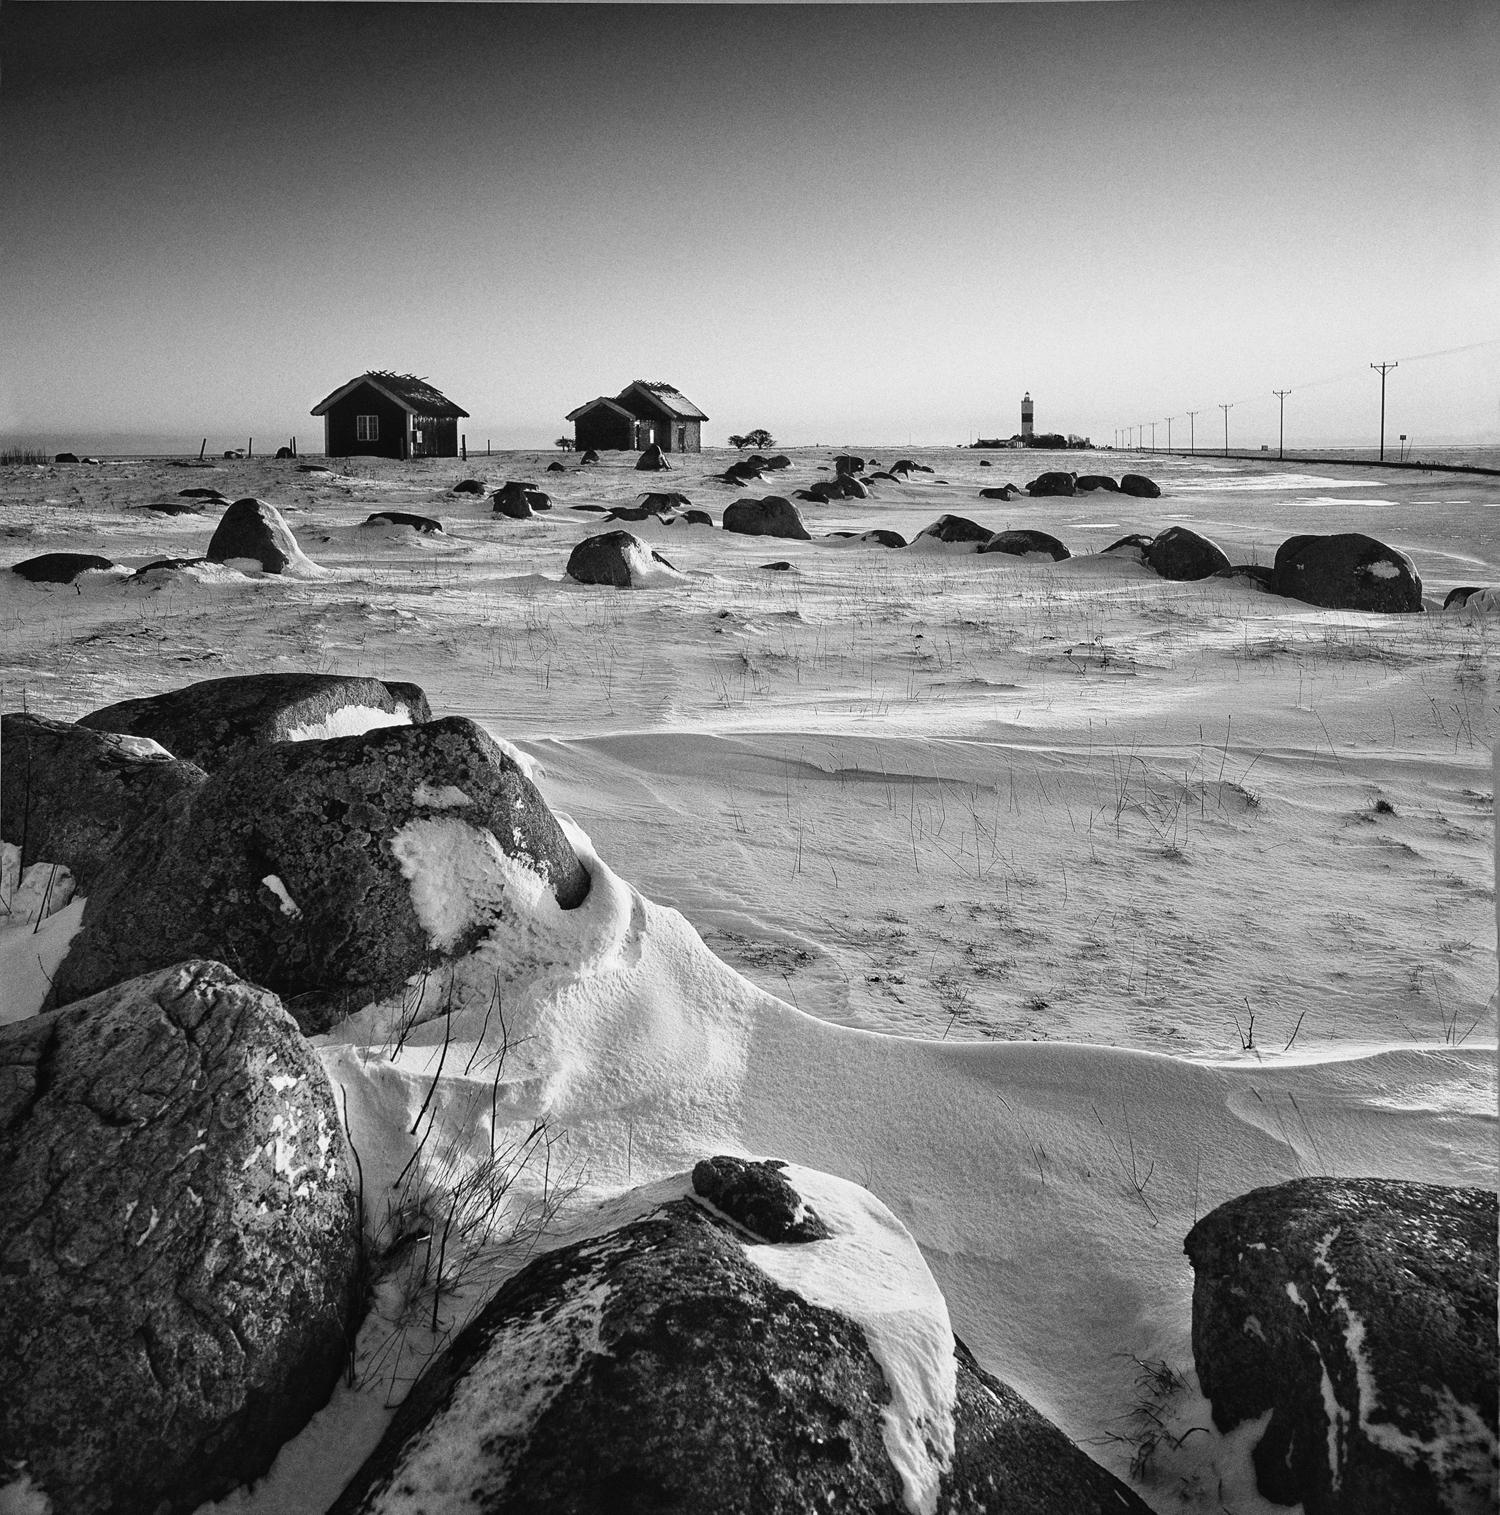 Ölands-södra-udde-Snö-Sol-Stenar-Bodar-1997-01-On-BW-1500px.jpg